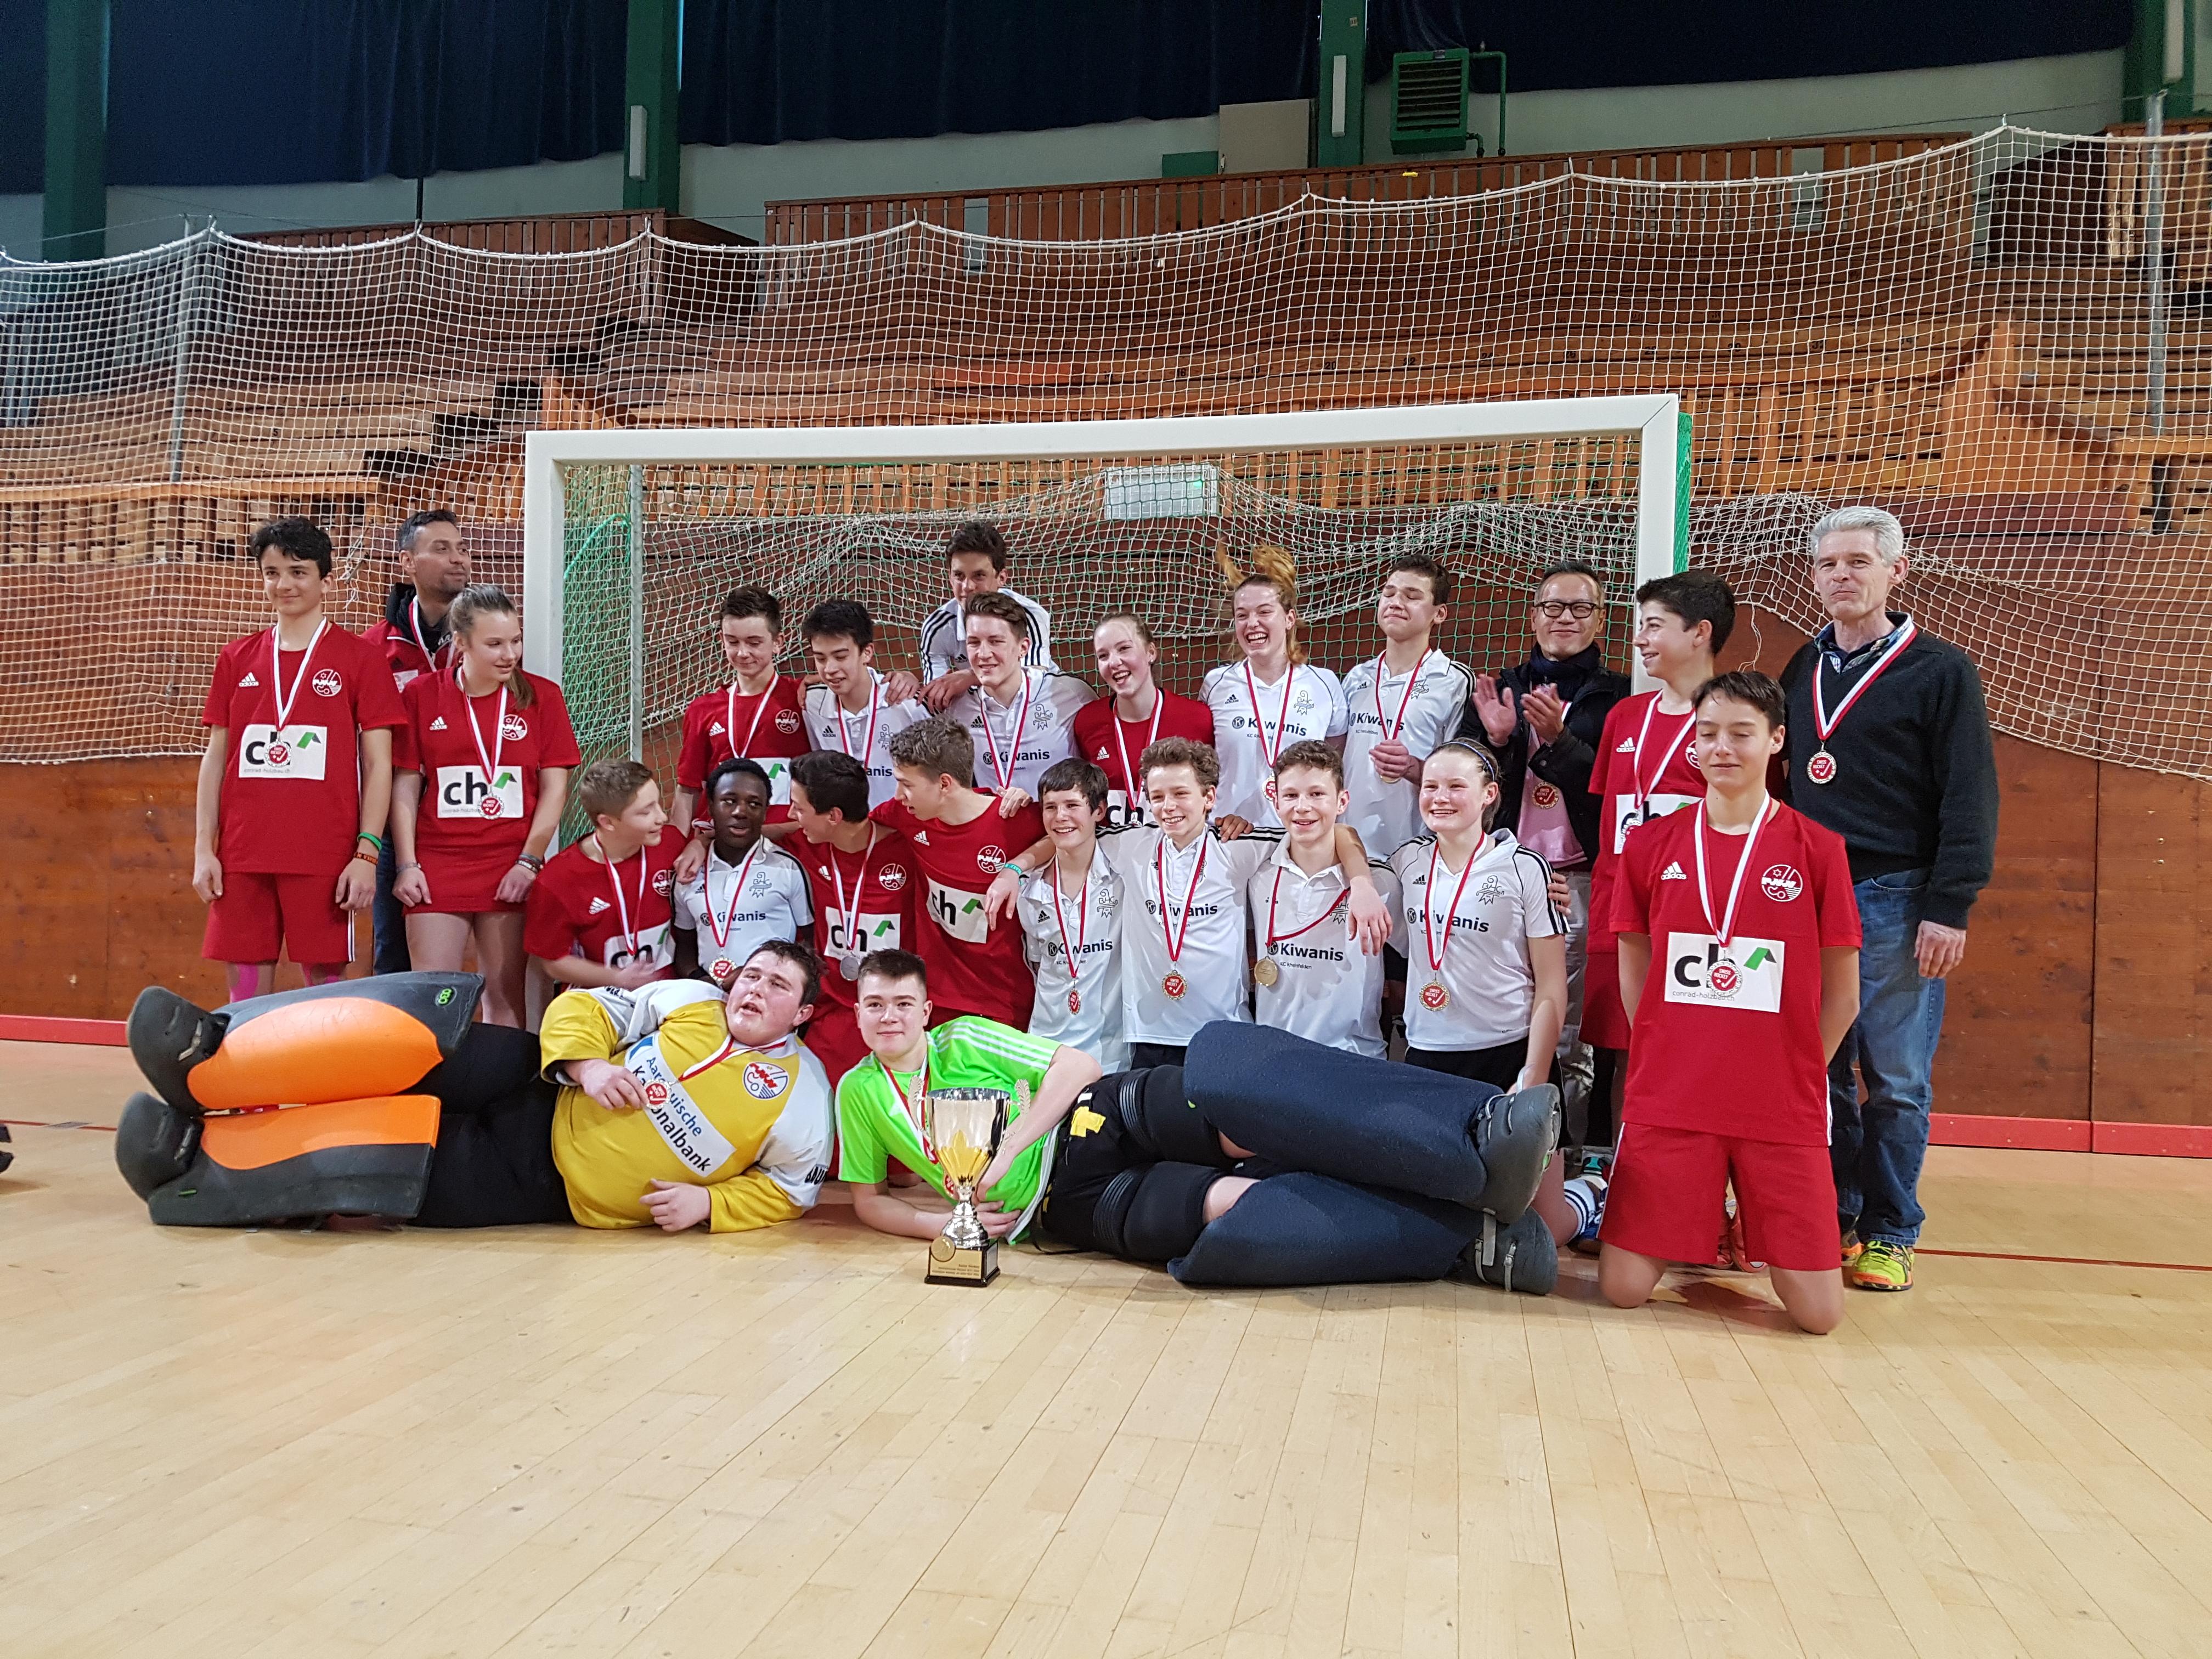 2017 Jugend U17 Schweizermeister Halle